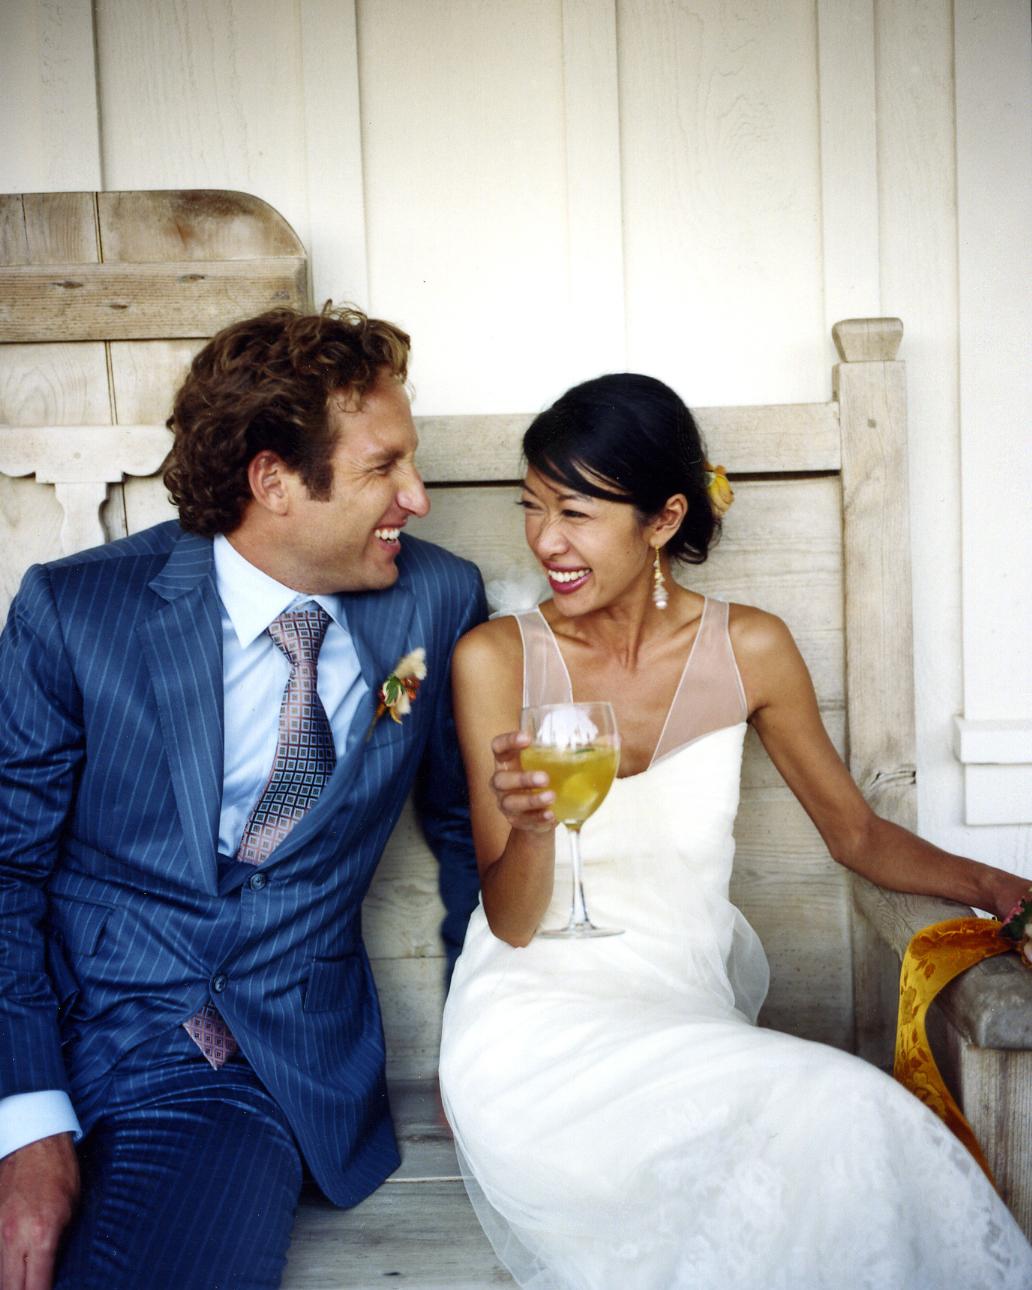 marriage-tips-kate-ian-f07-wa102670-0215.jpg